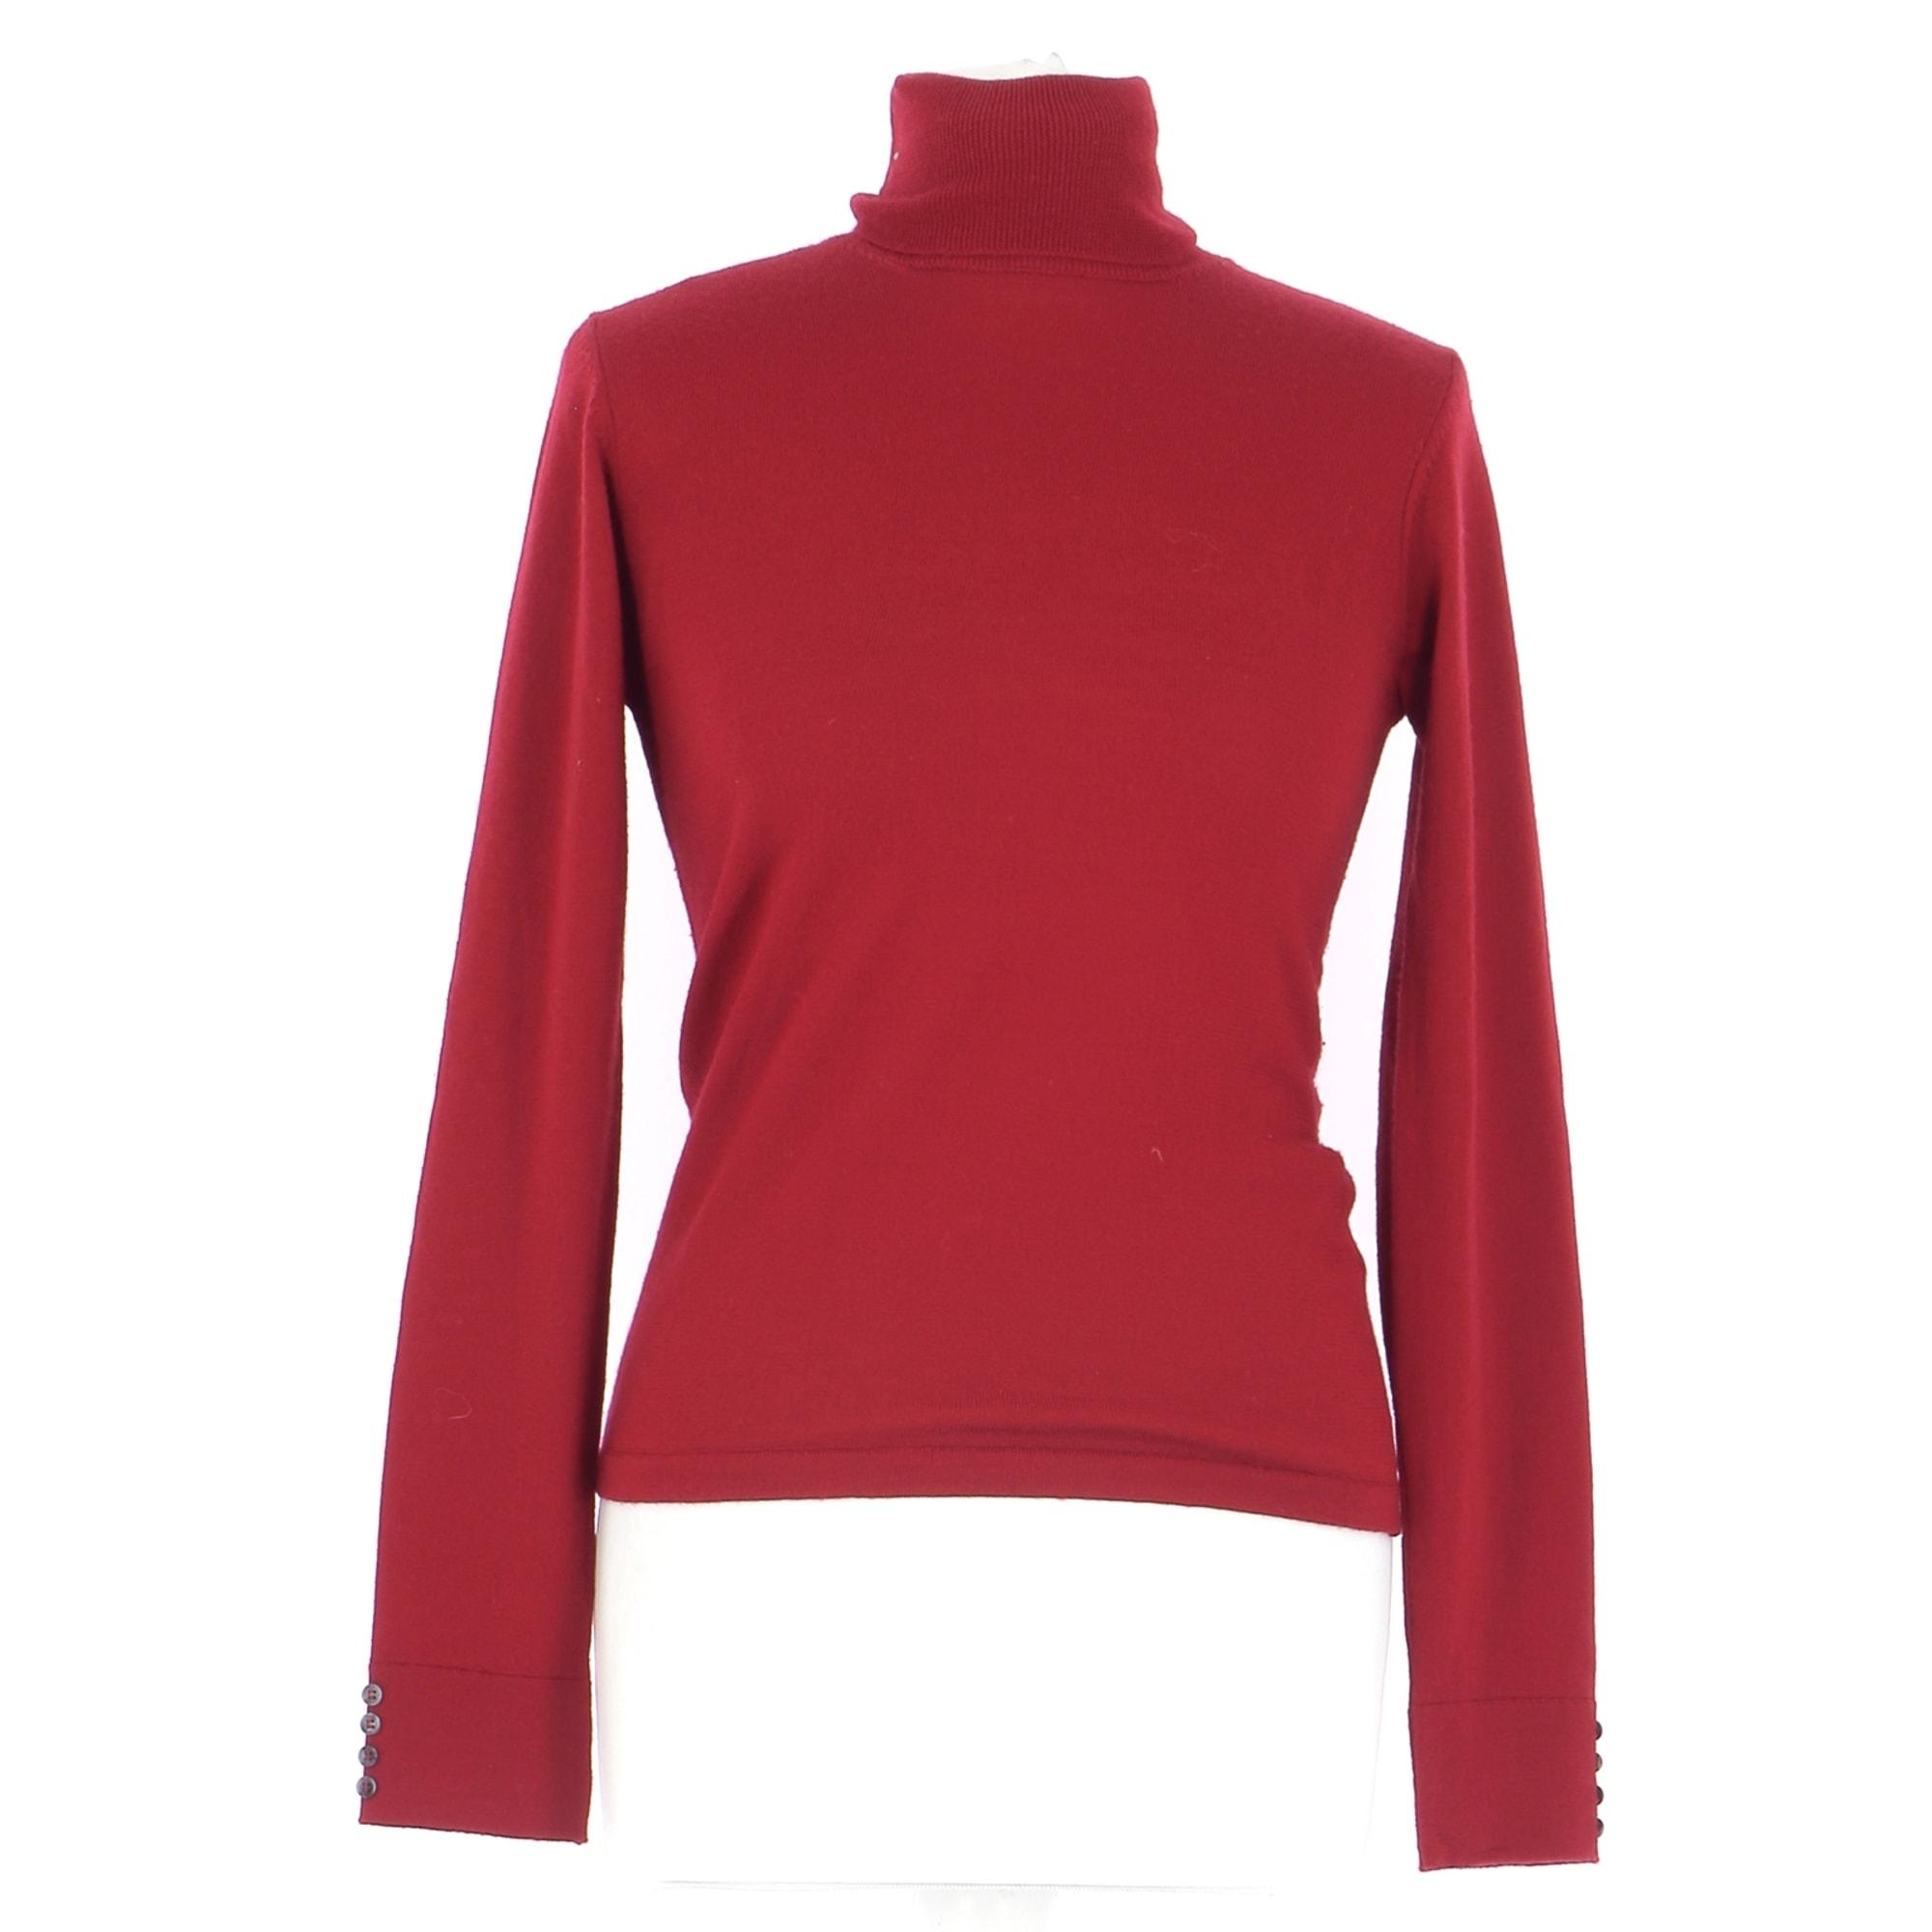 Sweater ALAIN MANOUKIAN Red, burgundy